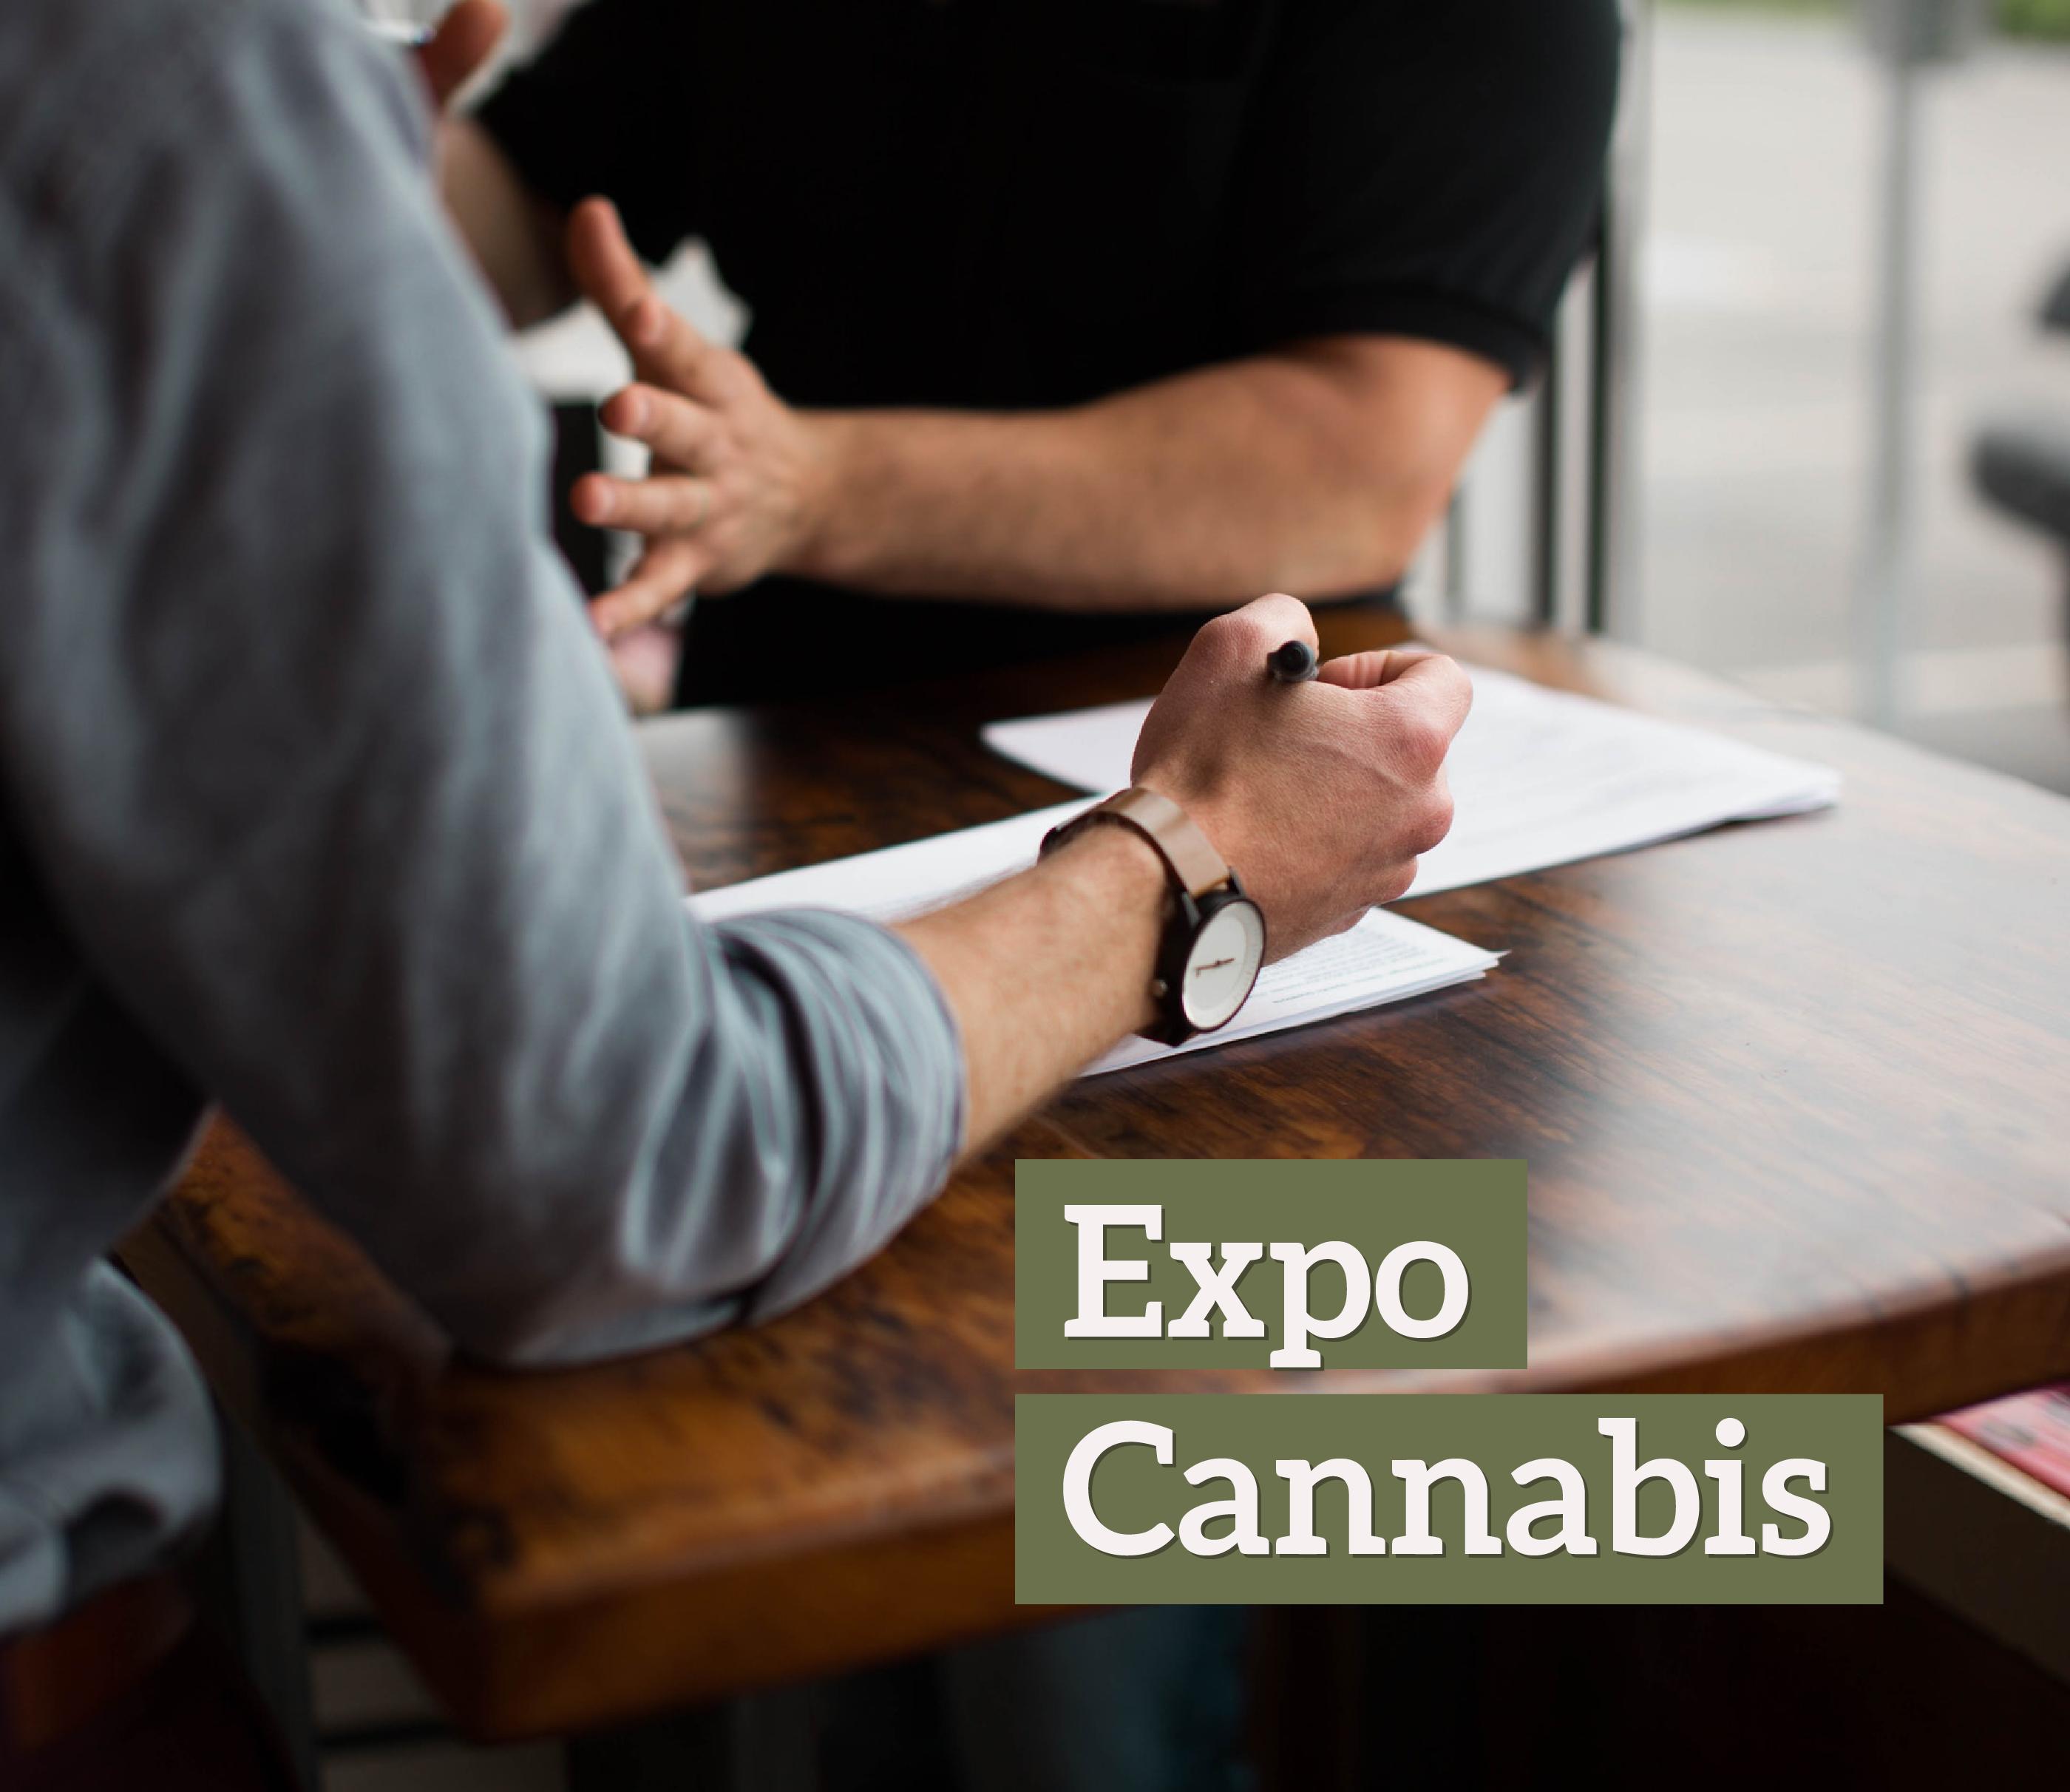 Expo Cannabis: Encuentra Tu Alivio Y Oriéntate